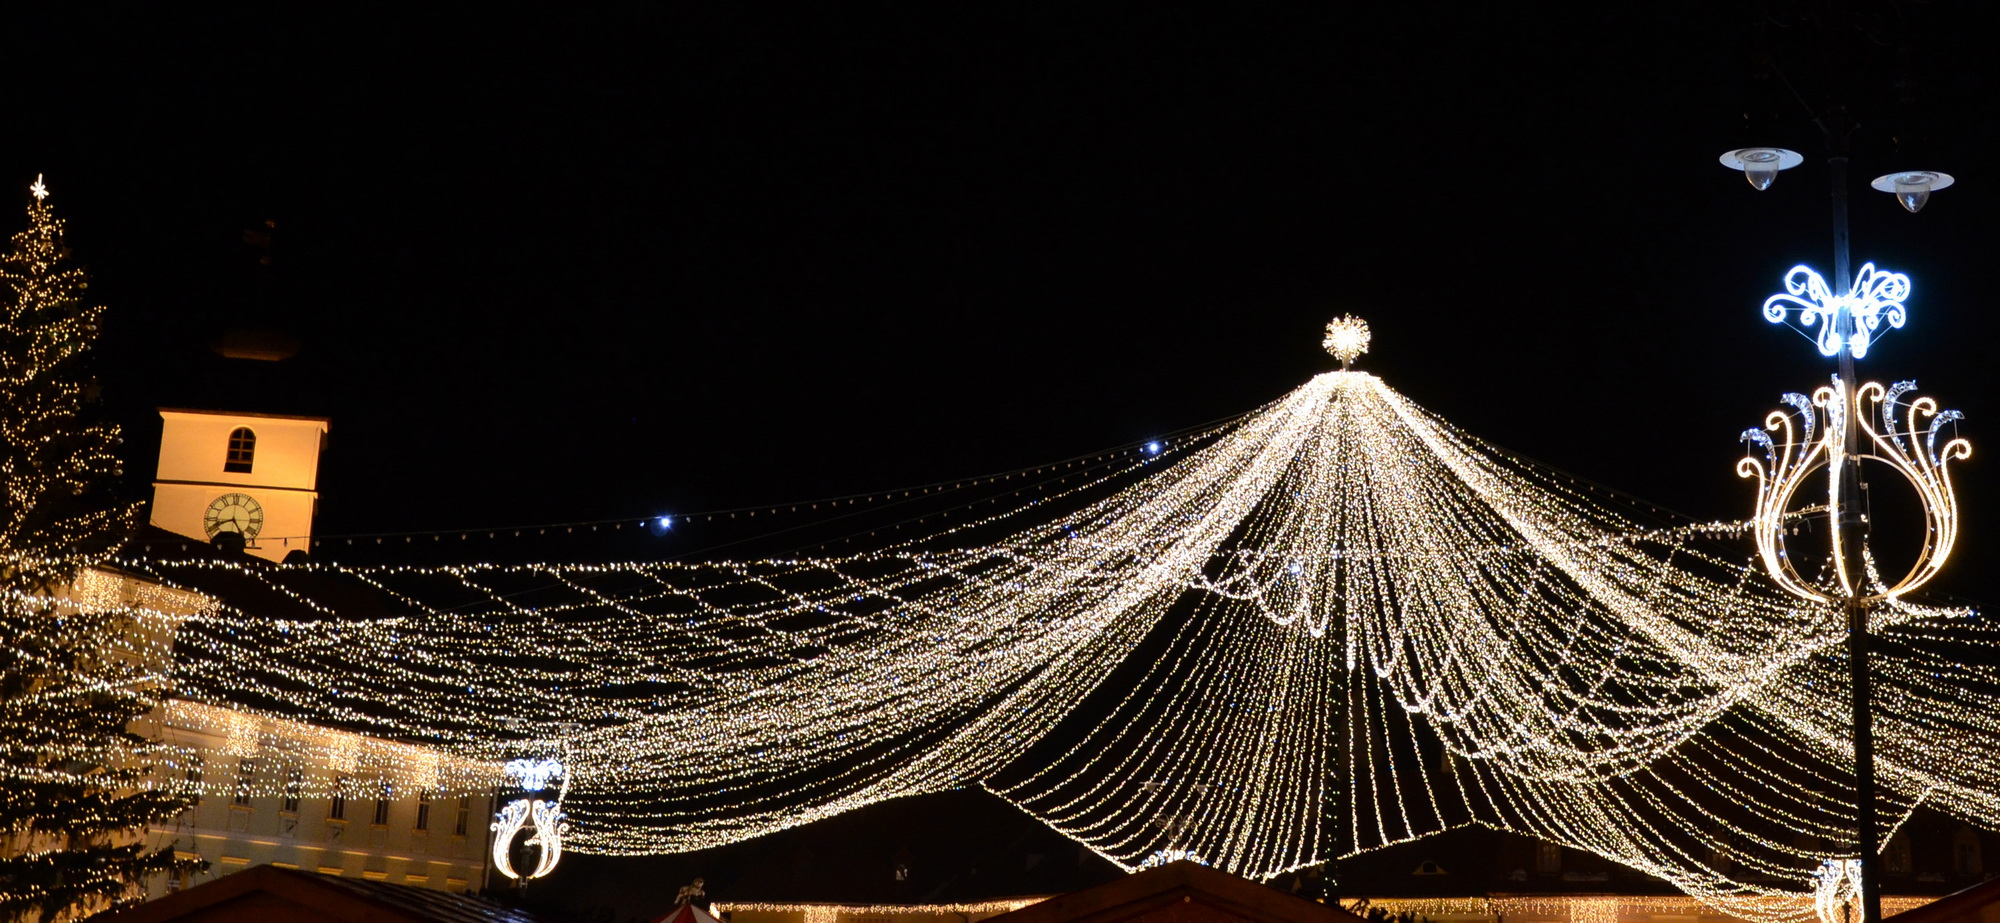 11 - Targul de Craciun din Sibiu - 11.12.2013